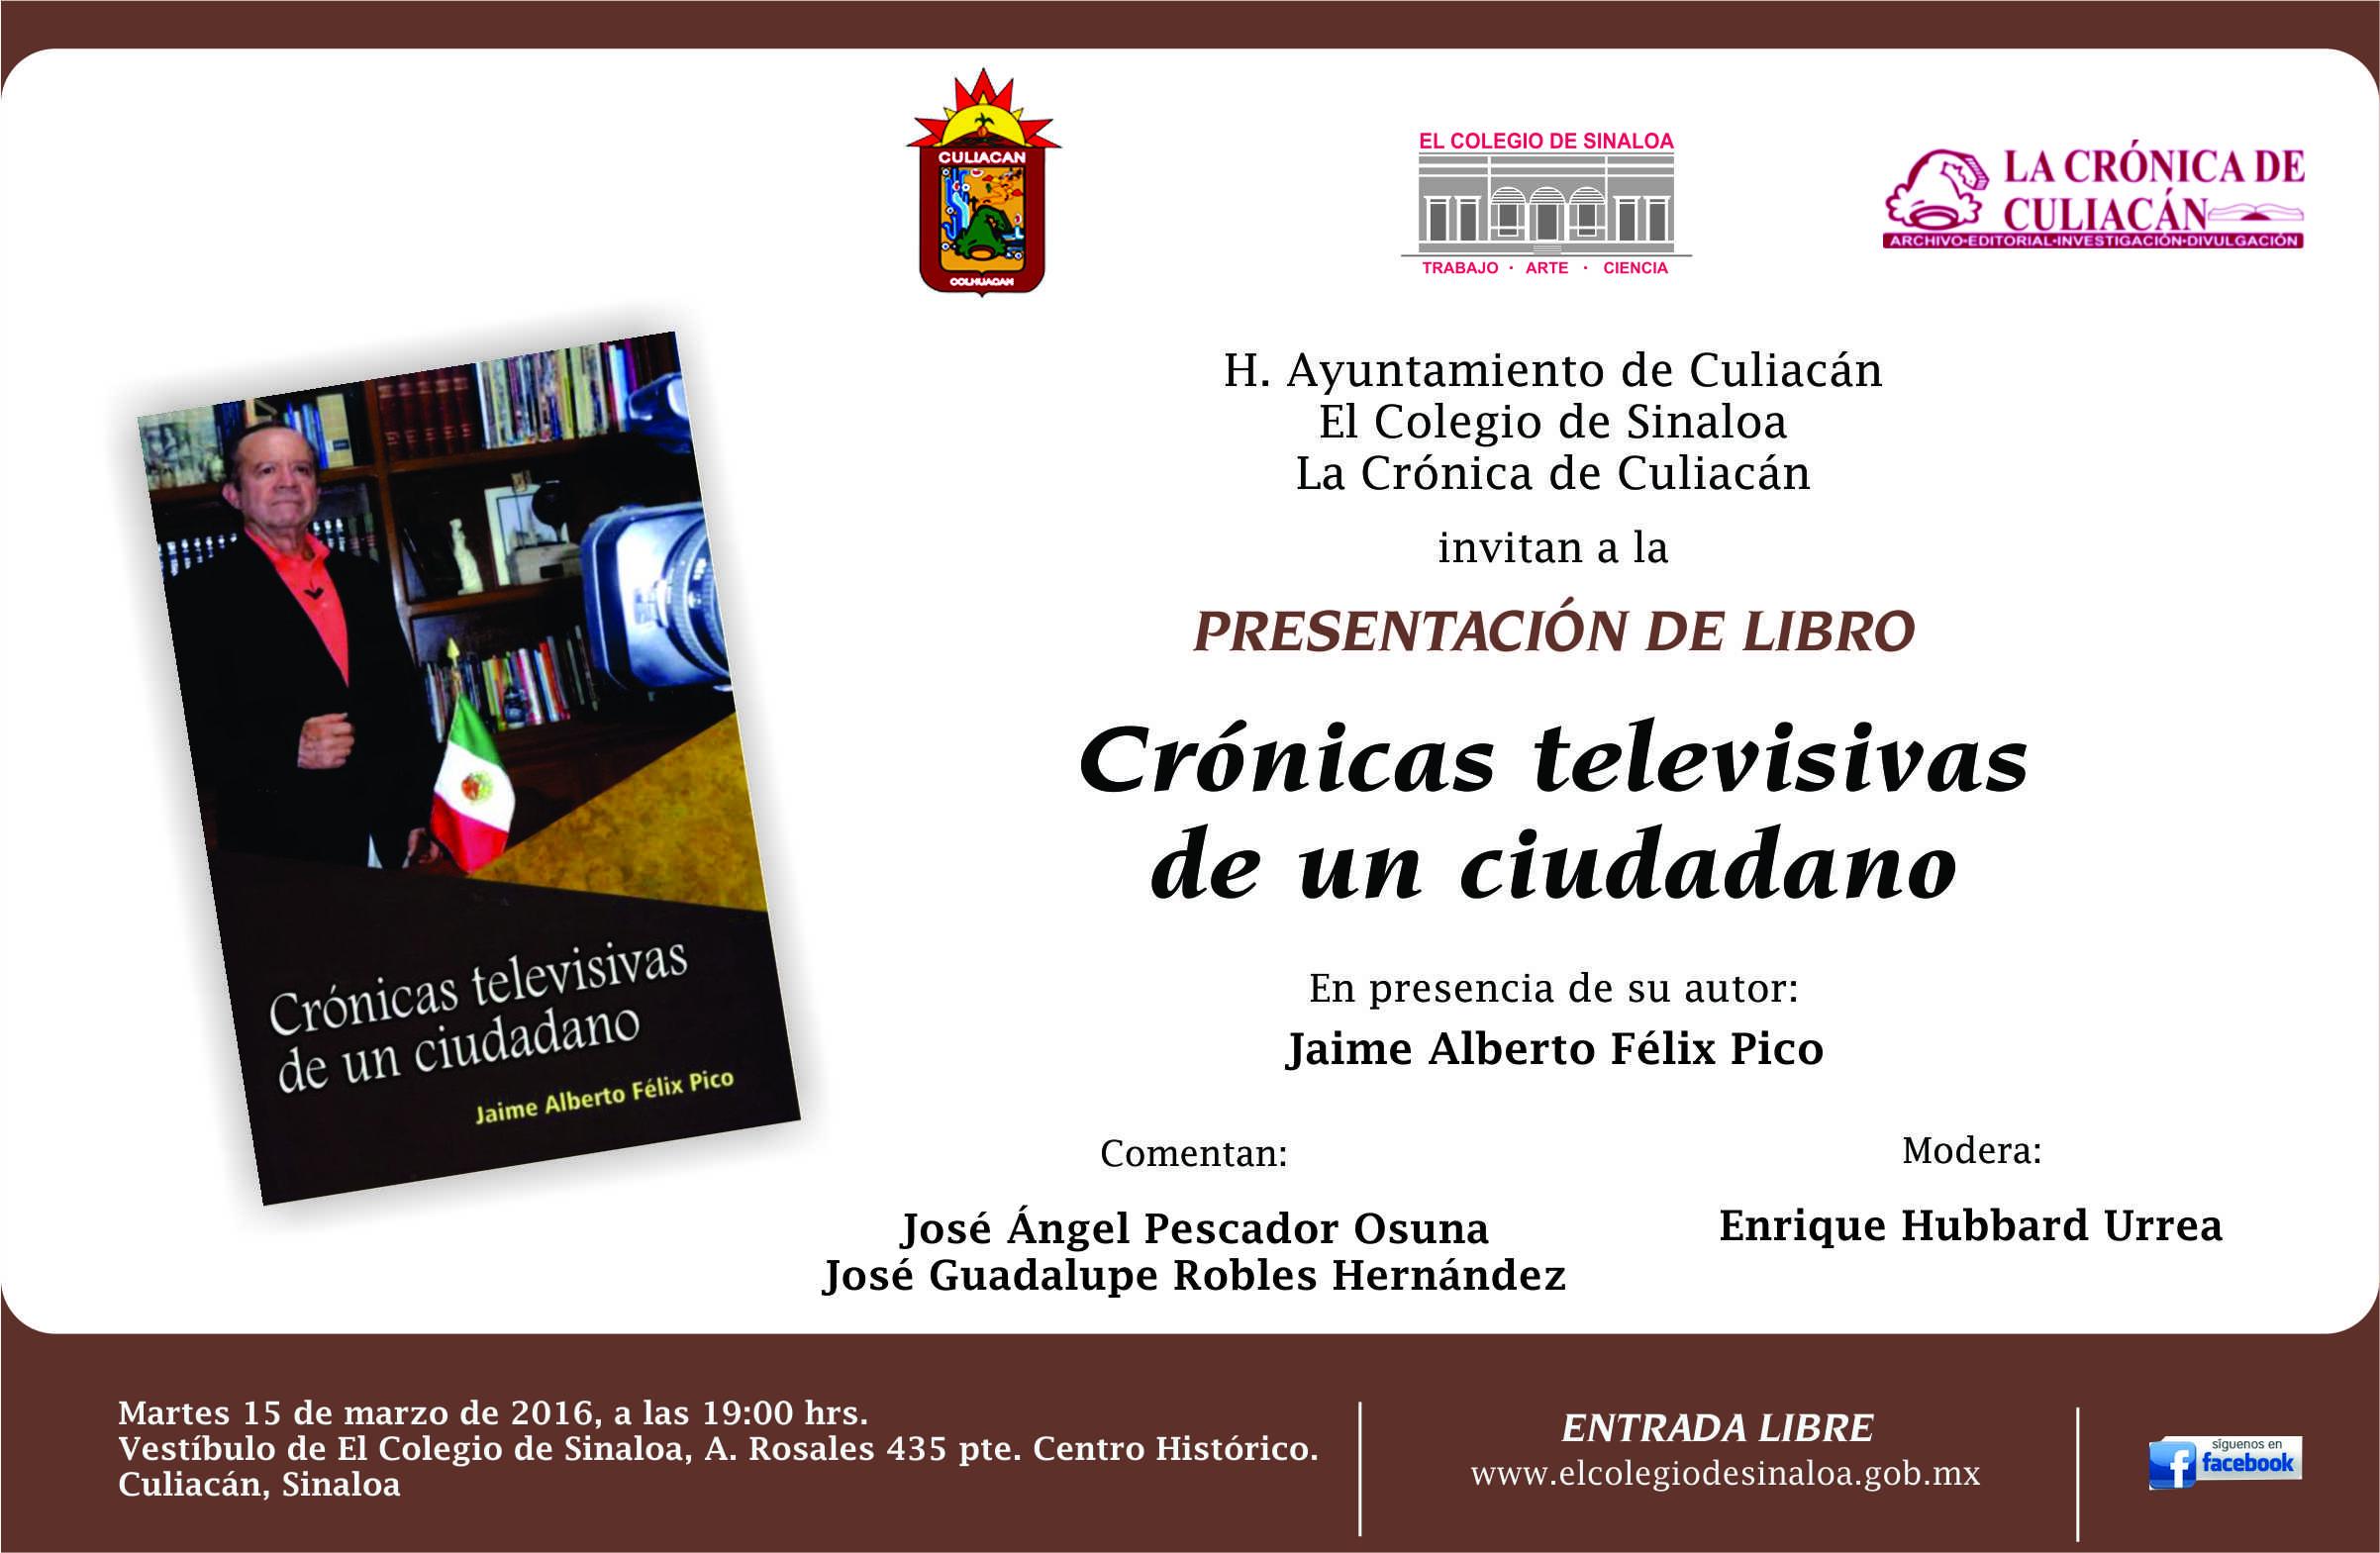 Presentacion de libro Crónicas televisivas de un ciudadano, invitación